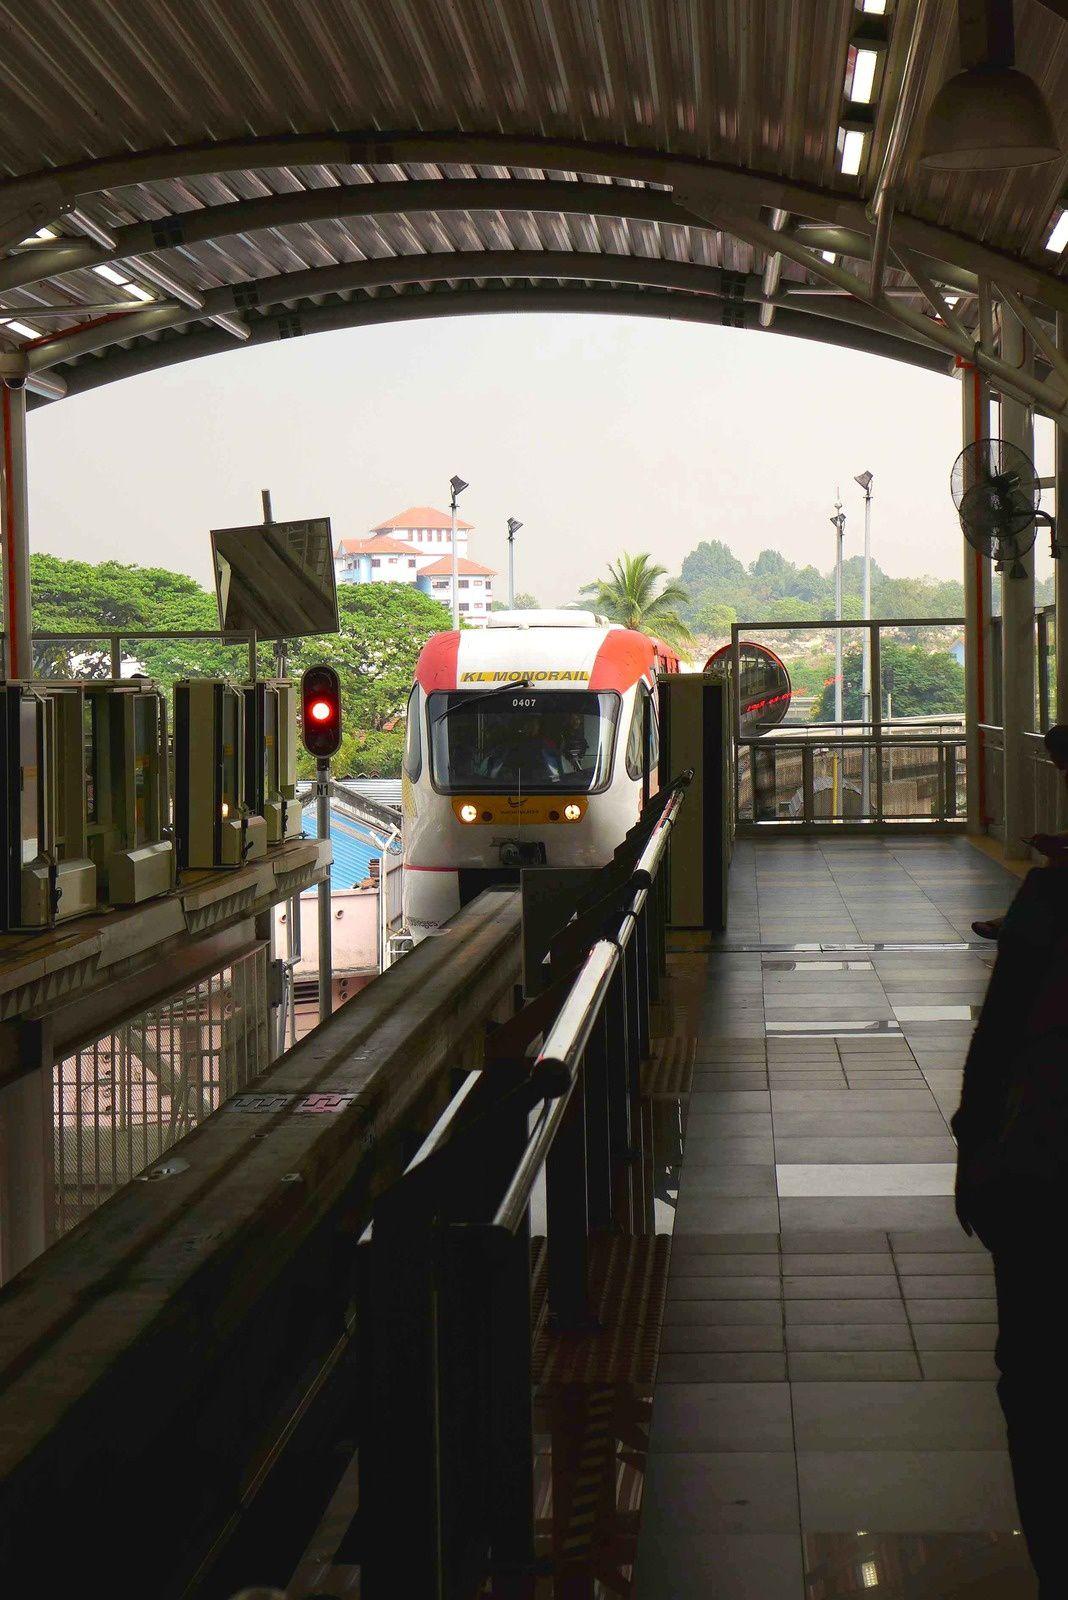 """Photo 1: Le métro monorail Photos 2 à 4 Tours pétronas de jour, photos 5 Lolo dans le cinéma des Tours Pétronas Photos 6 et 7 Lolo dans KL photos 8 à 13 Tours Pétronas de nuit, Photo 14 palais du sultan, Photos 15 la mosquée photos 16 à 21 """"Batu Caves"""" temples hindouistes dans des grottes.  Pour information la statue en bas des escaliers fait presque 47 M de haut !!!"""